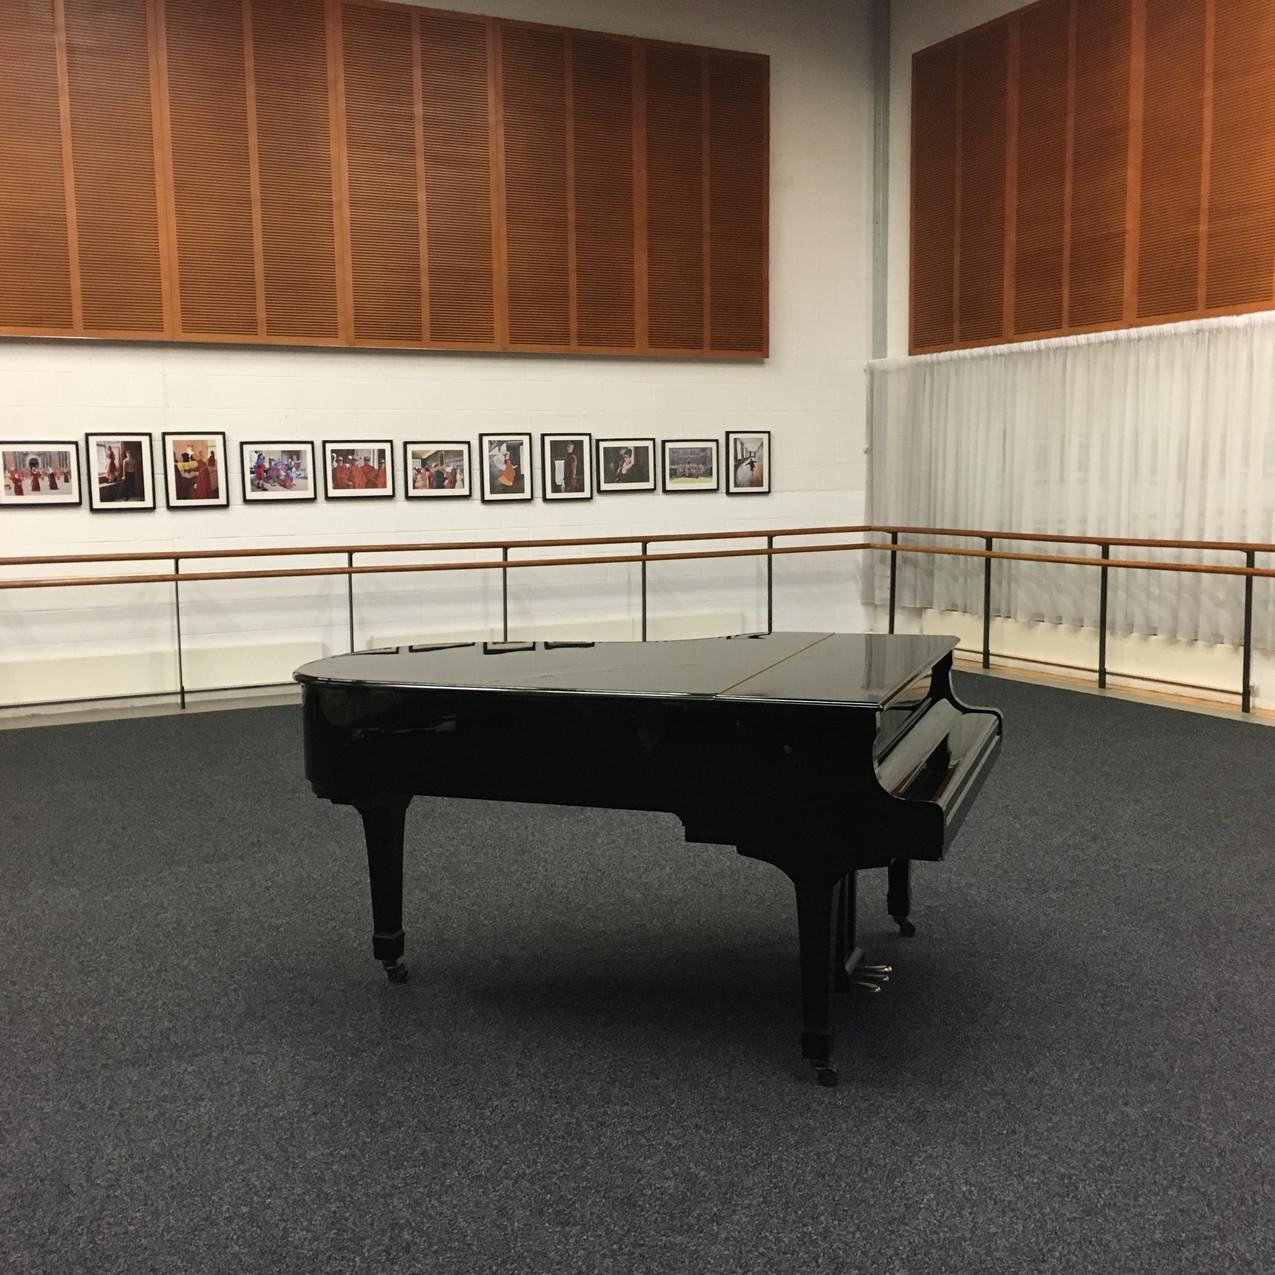 Studio 5 B'ham Hippodrome